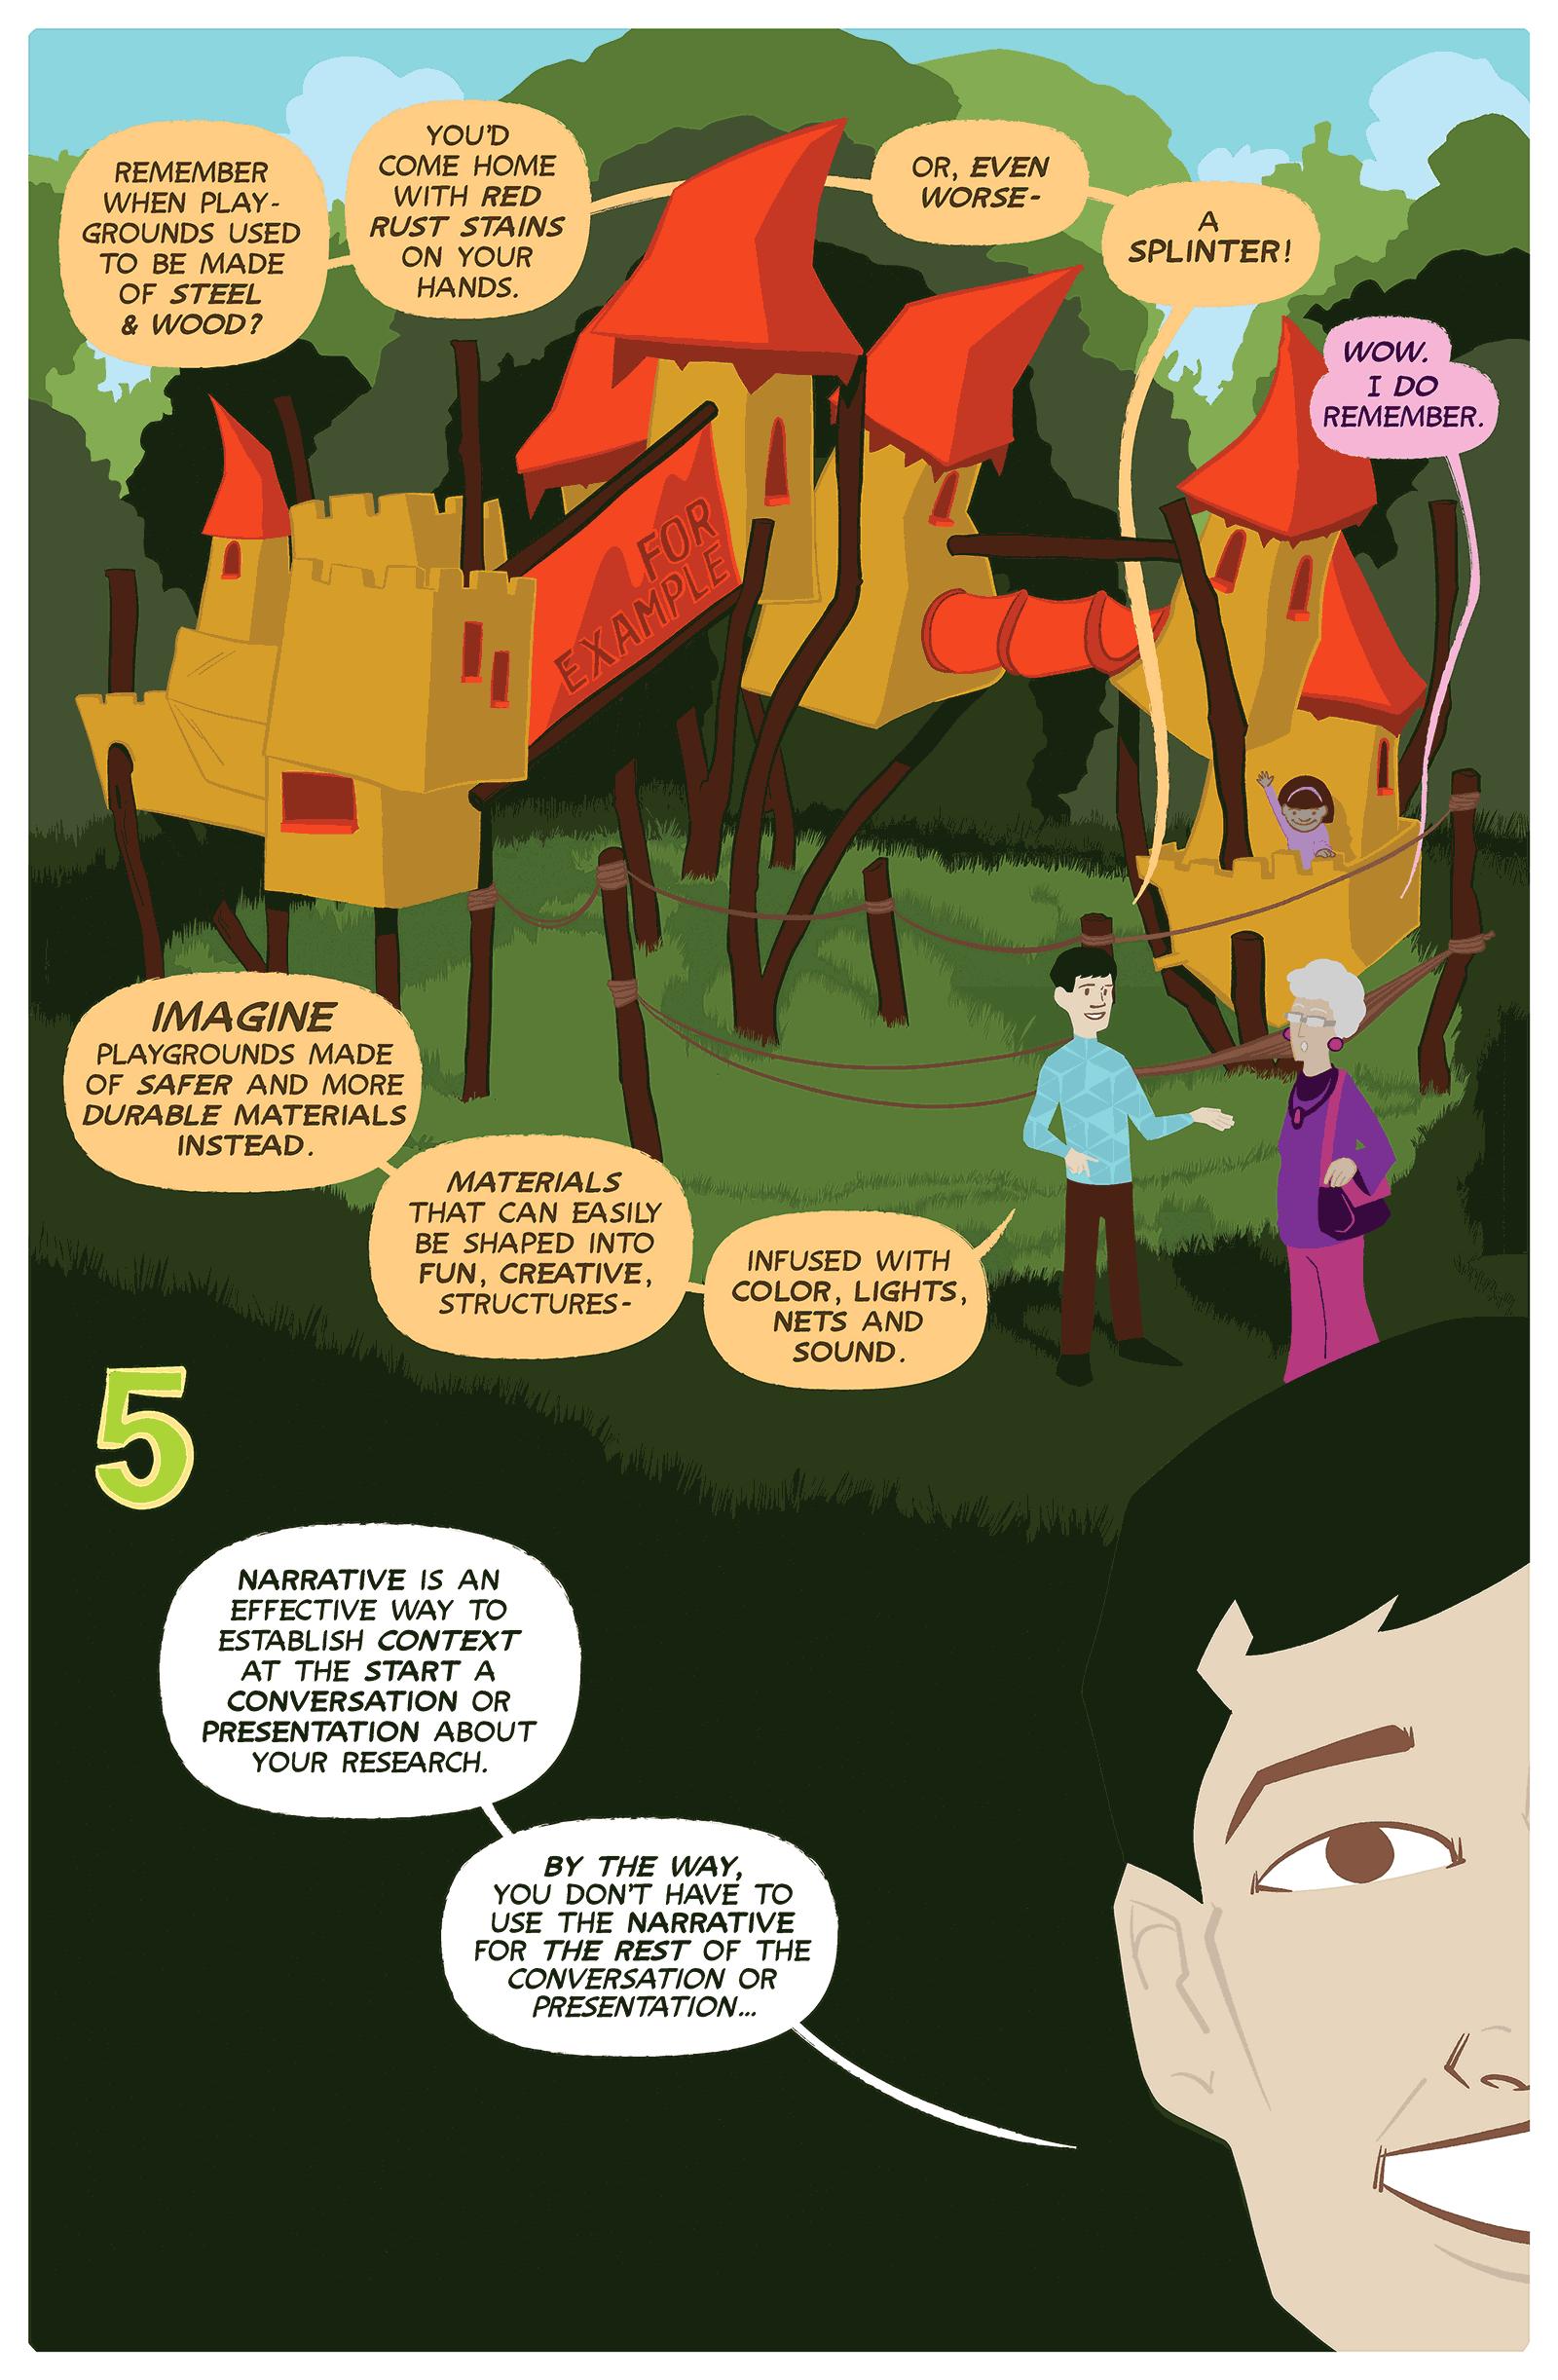 08-Narrative-Print